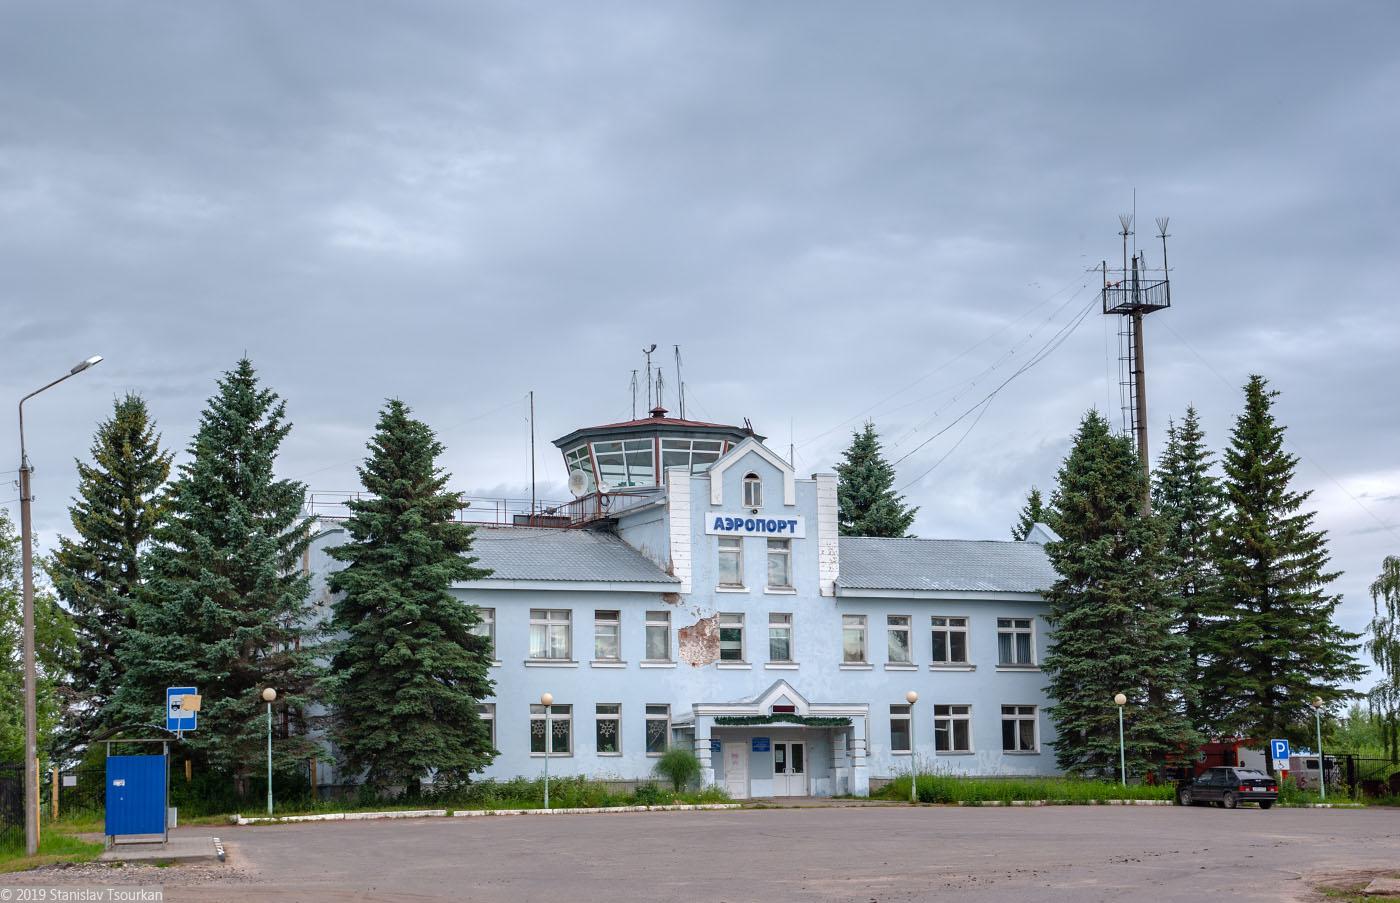 Володгодская область, Вологодчина, Великий устюг, Русский север, аэропорт,